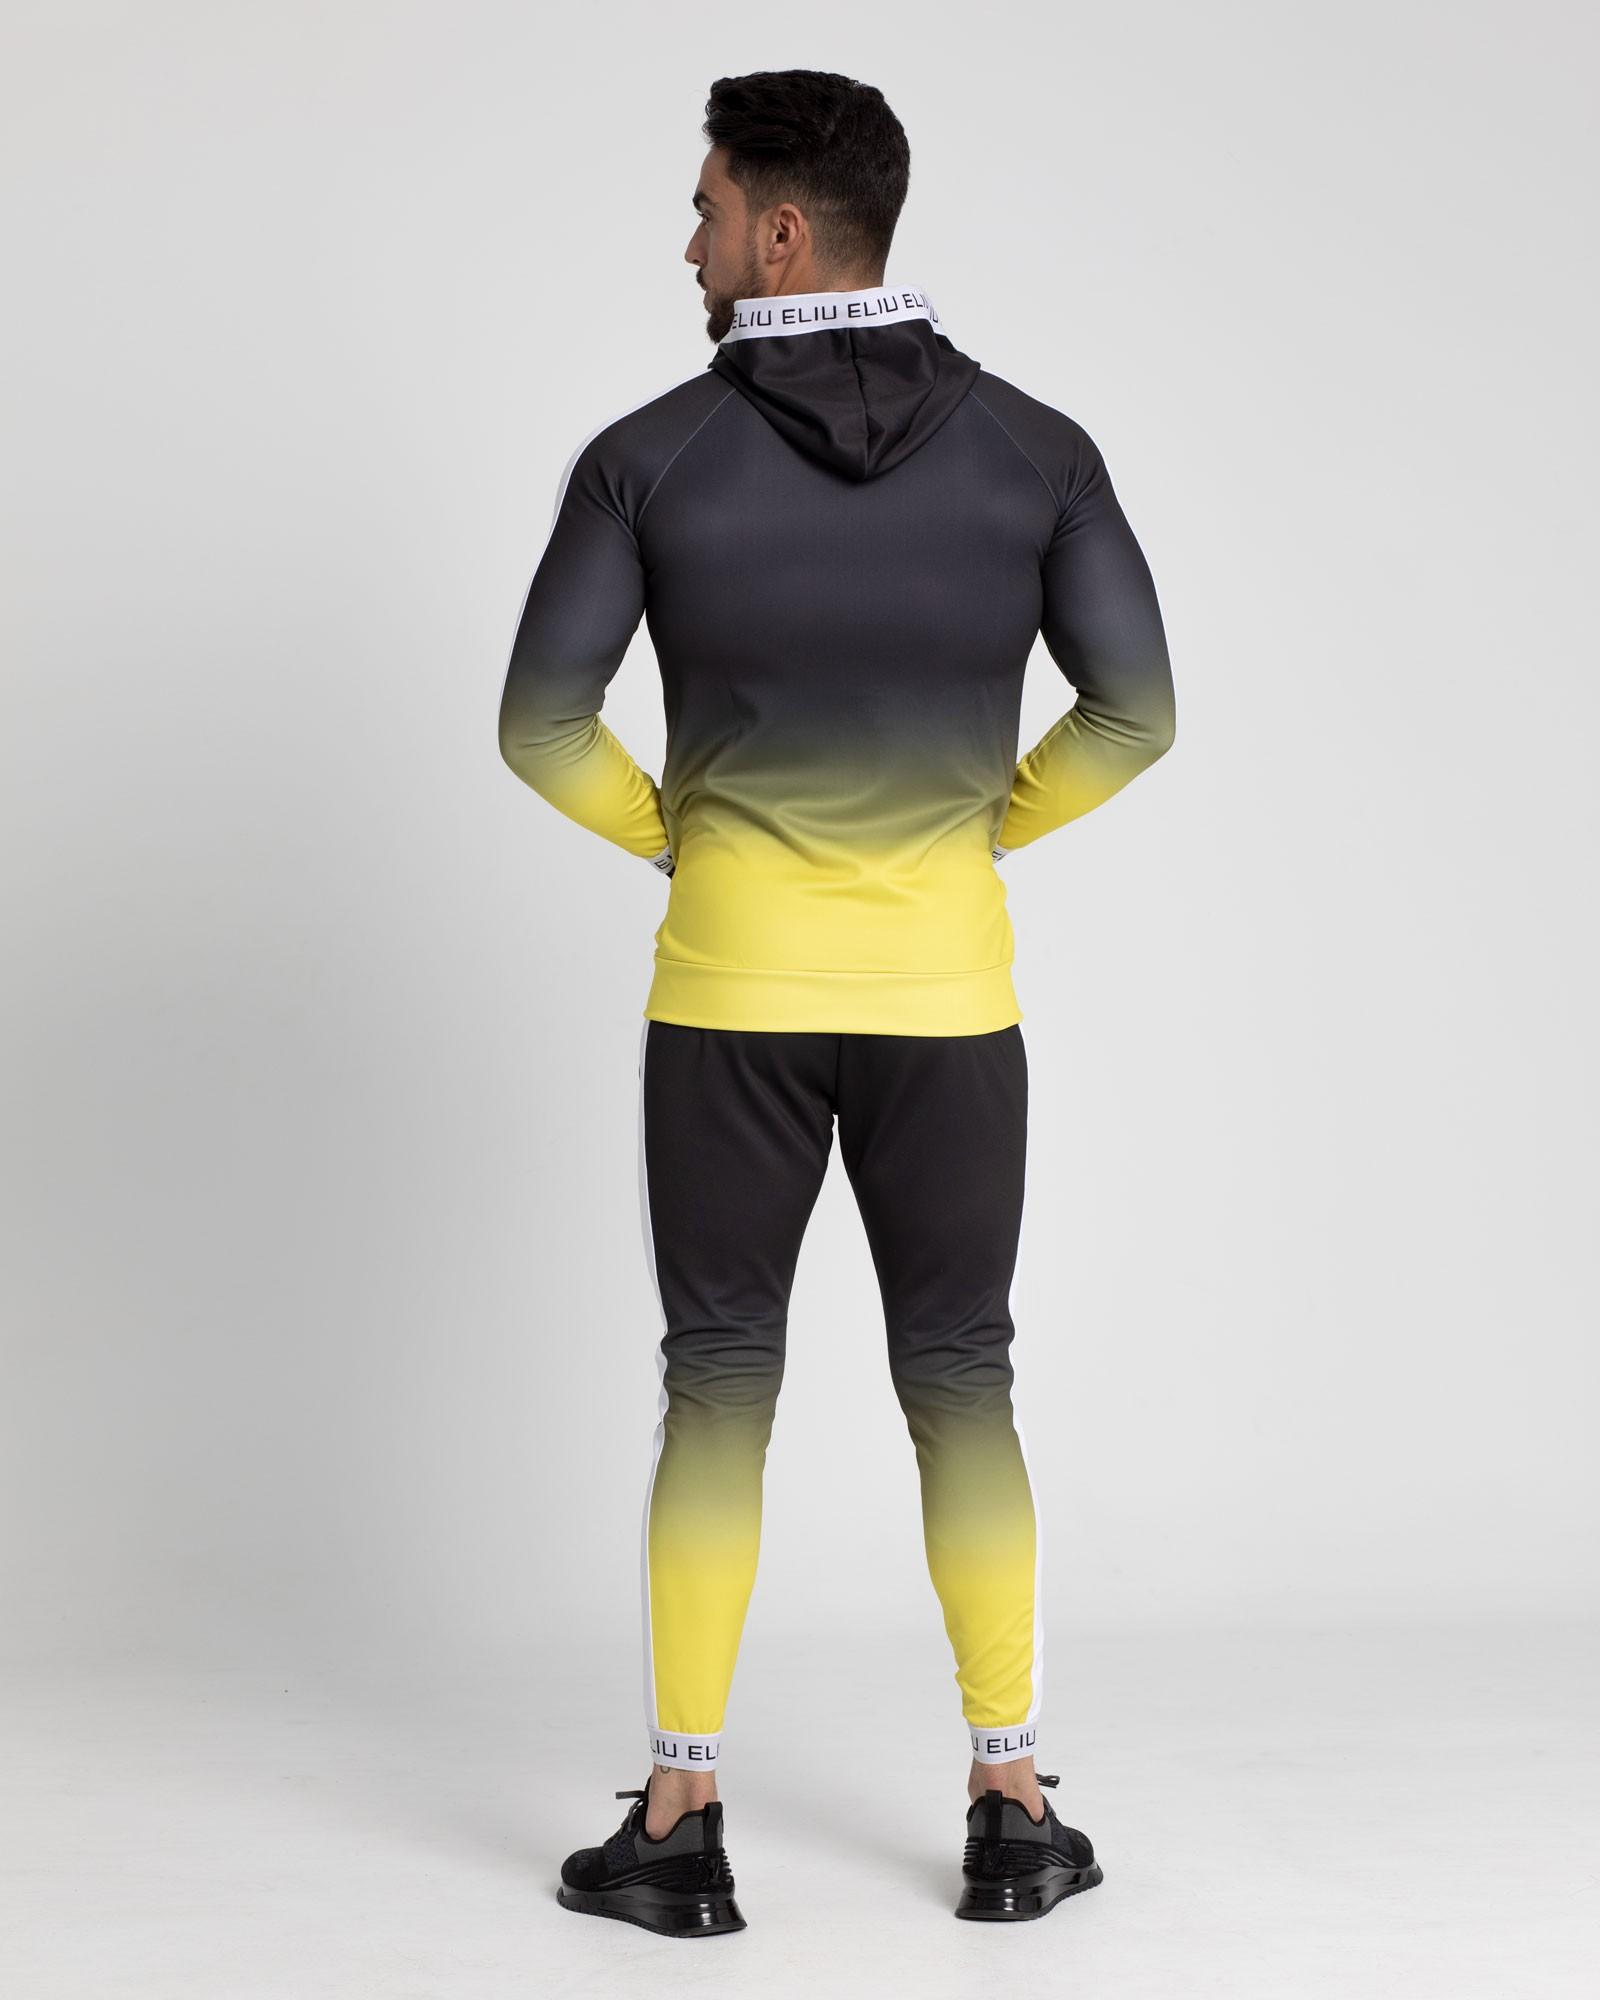 Chaqueta de chándal Electric amarilla. Estilo urbano de ELIU streetwear.